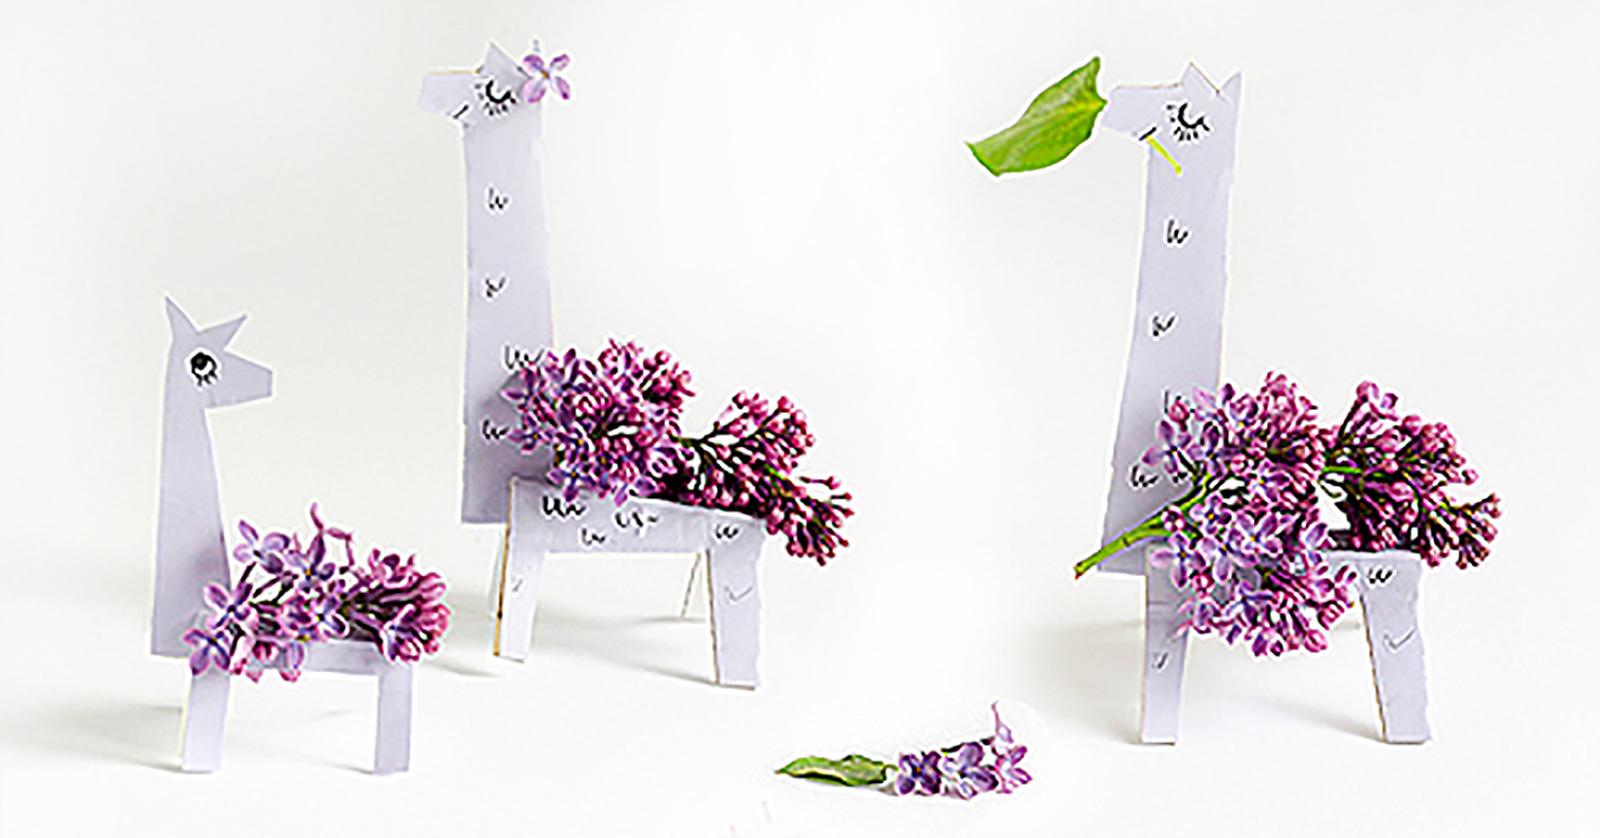 1600 LilacsLlama Multillama